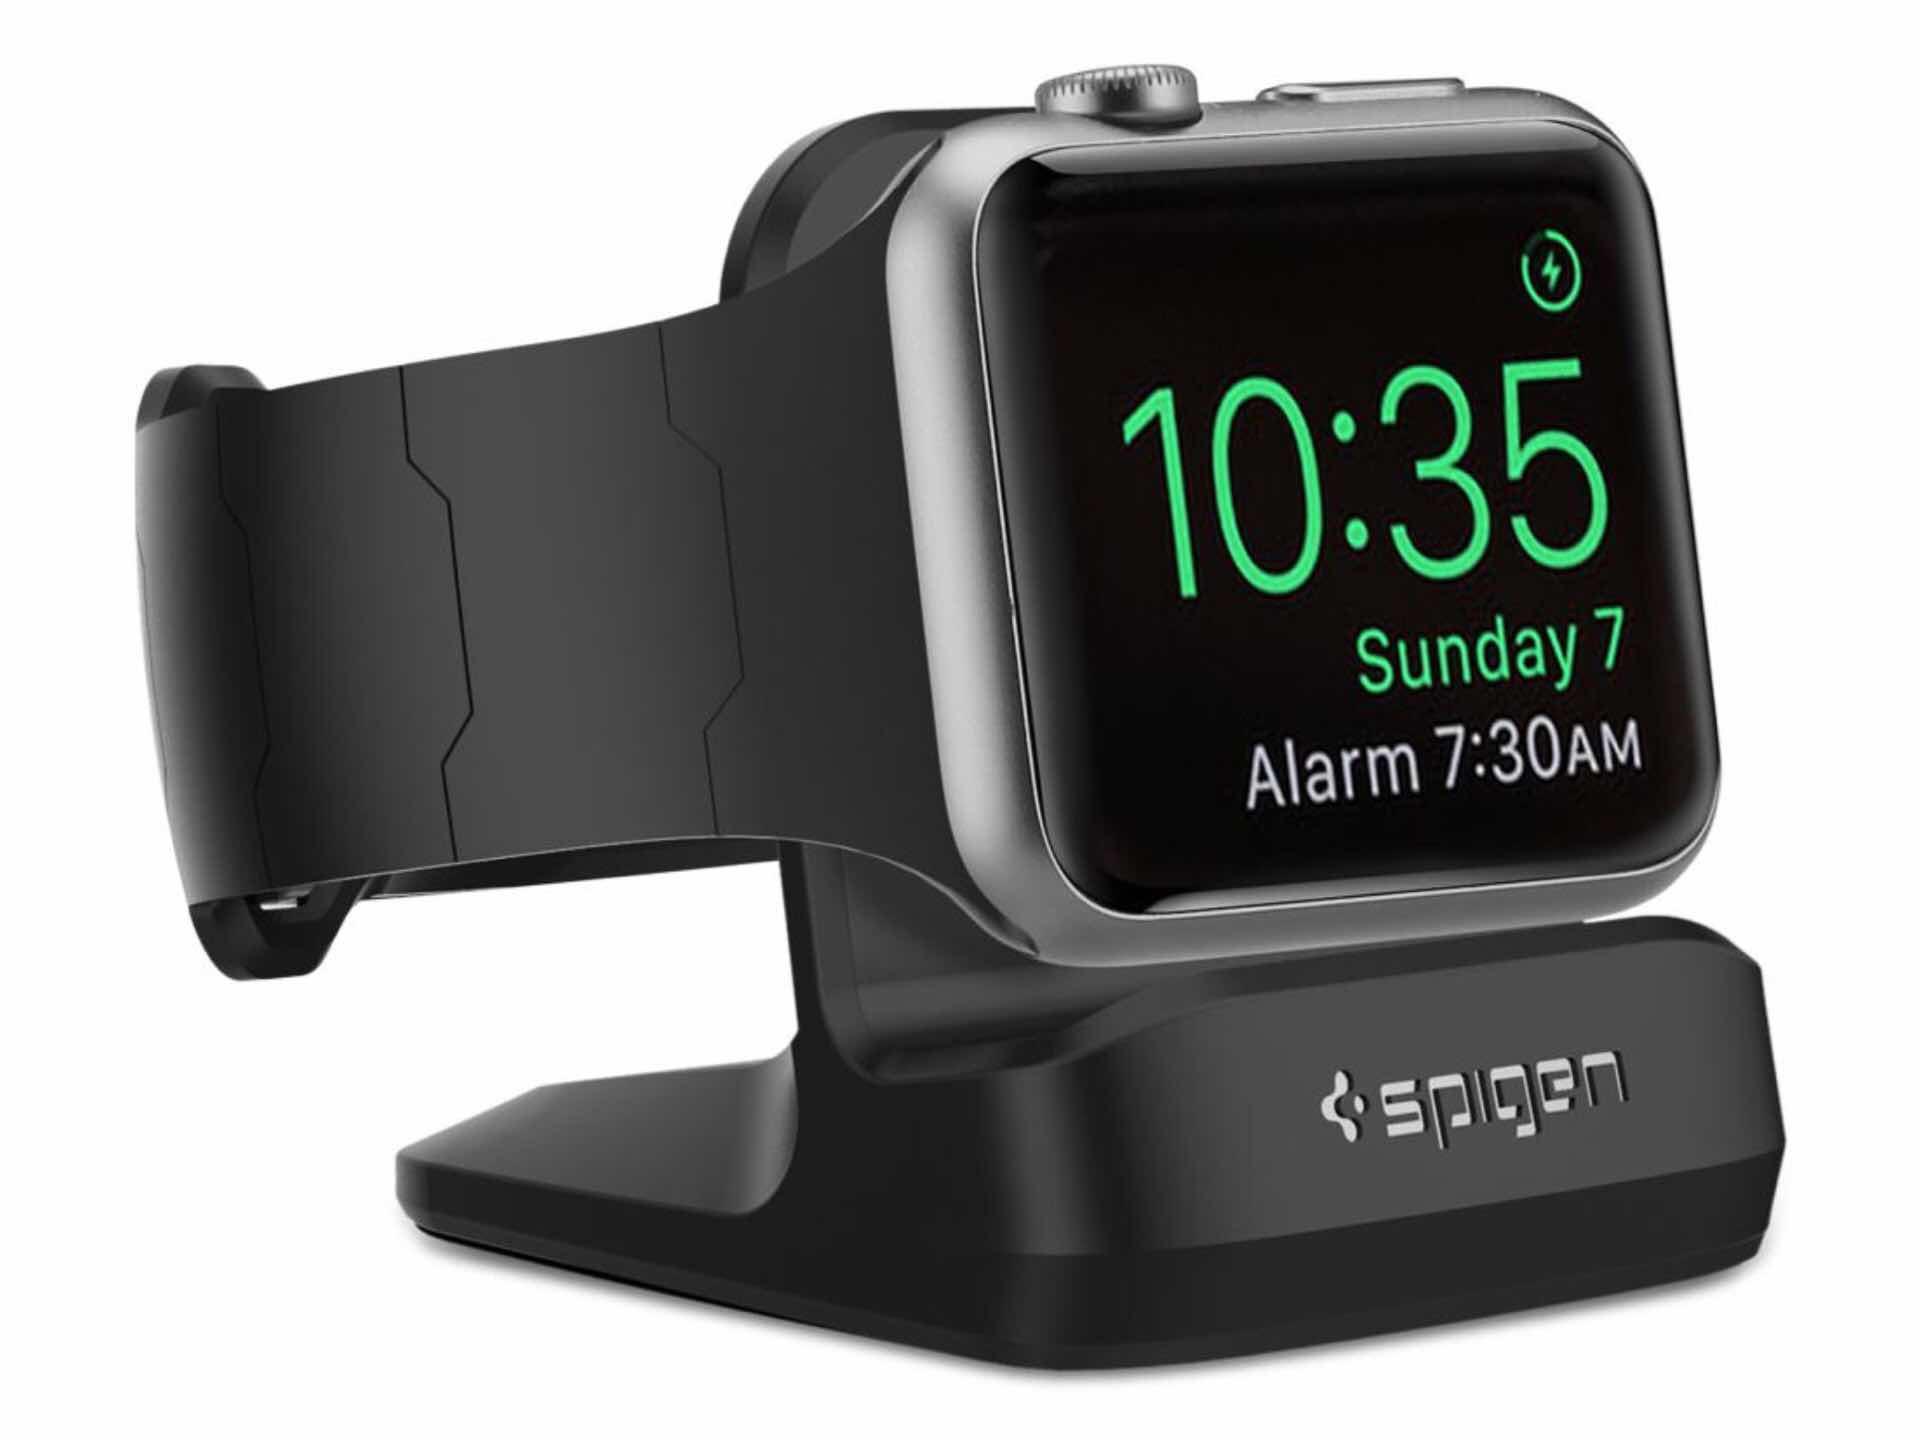 spigen-s350-apple-watch-stand